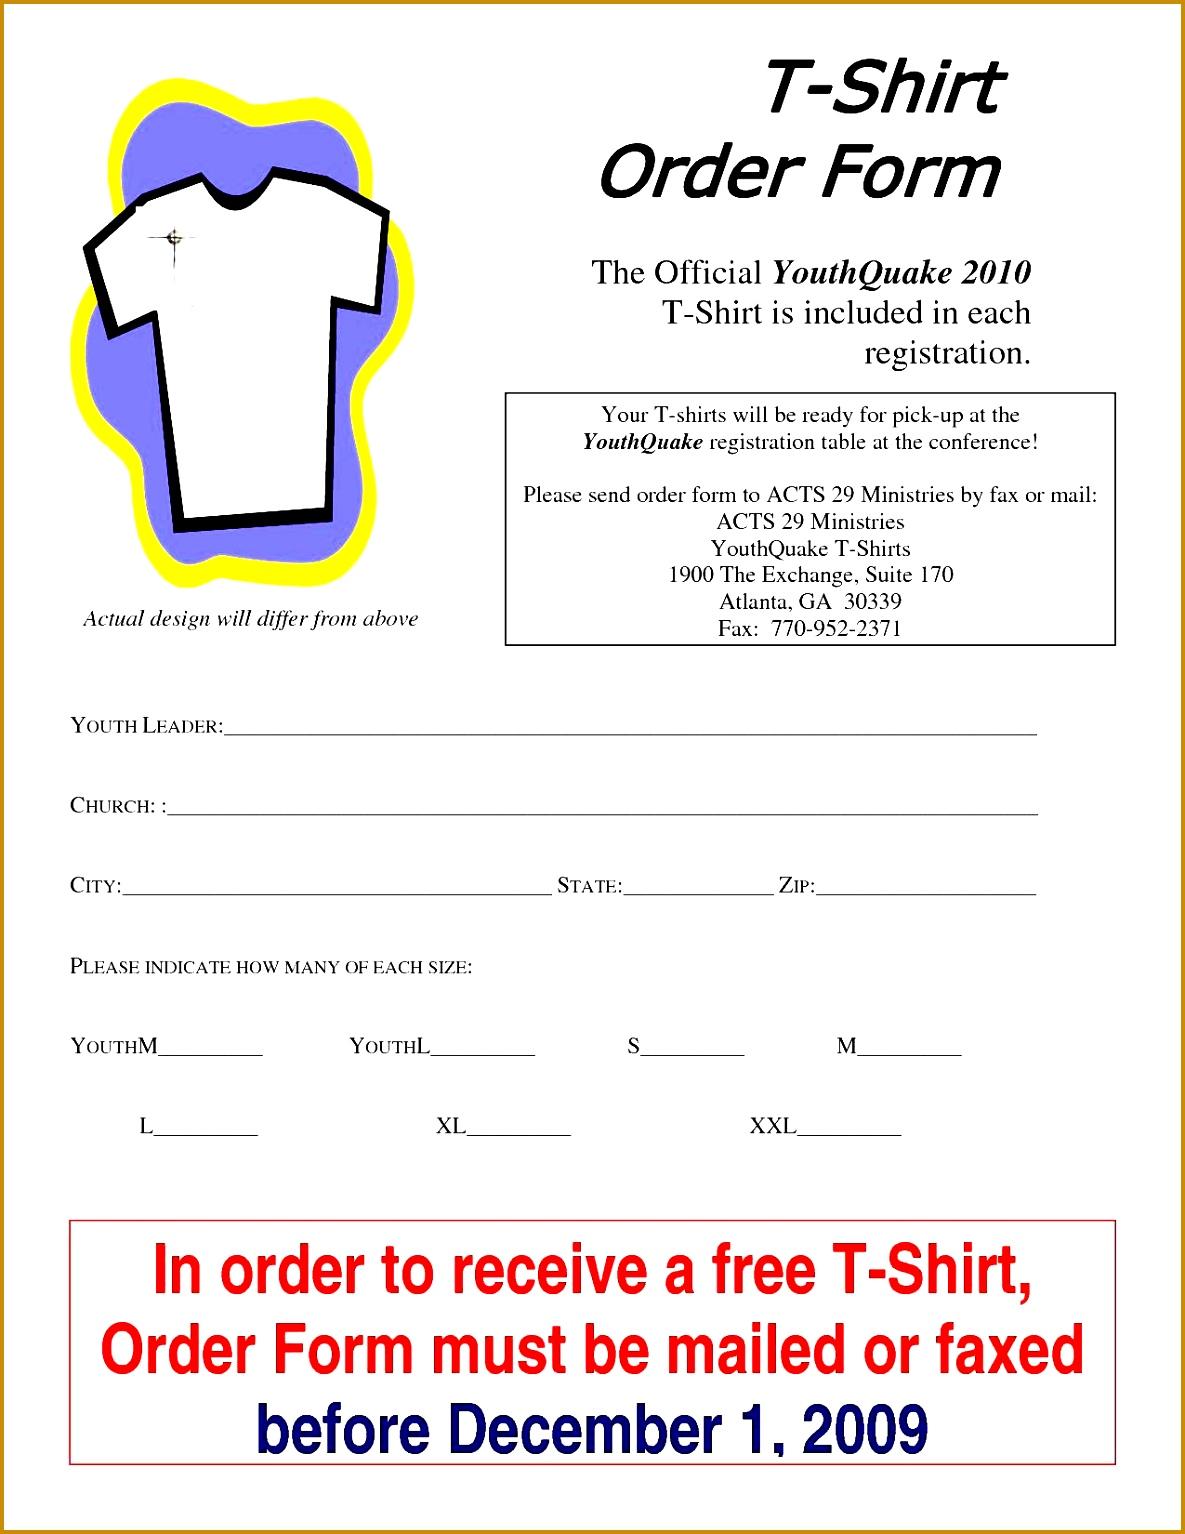 7 Family Reunion T Shirt order form Template | FabTemplatez